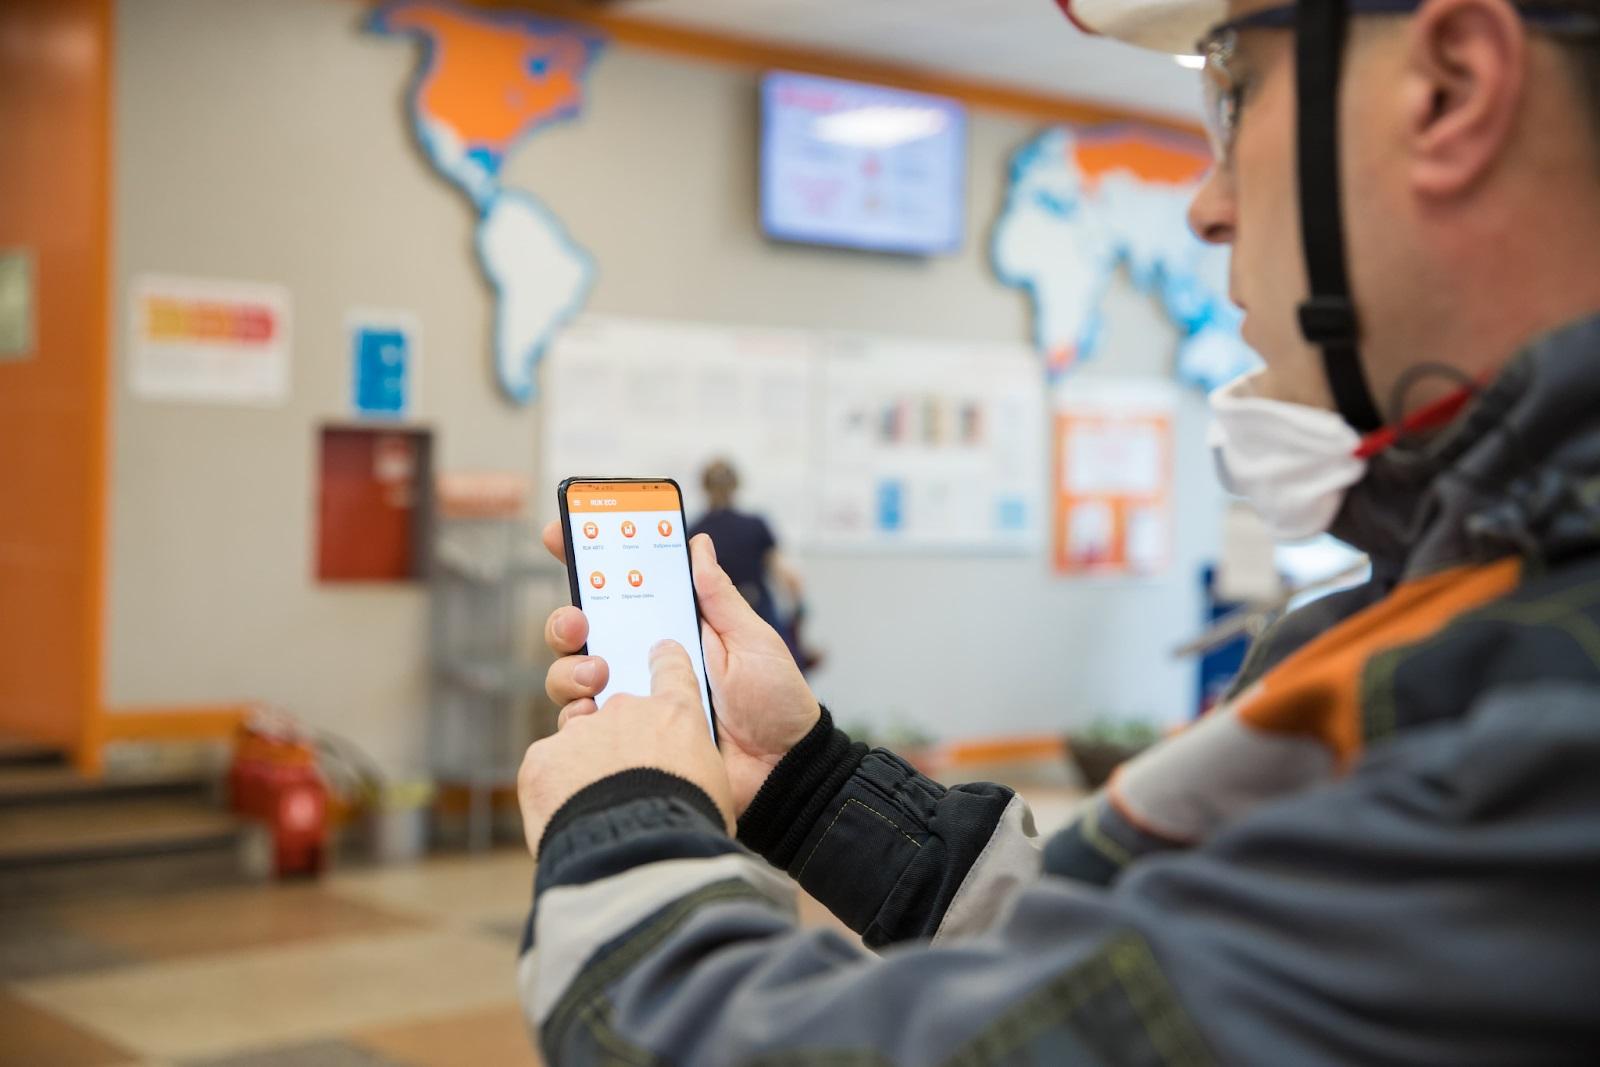 Евраз: мобильное приложение для роста производственной безопасности